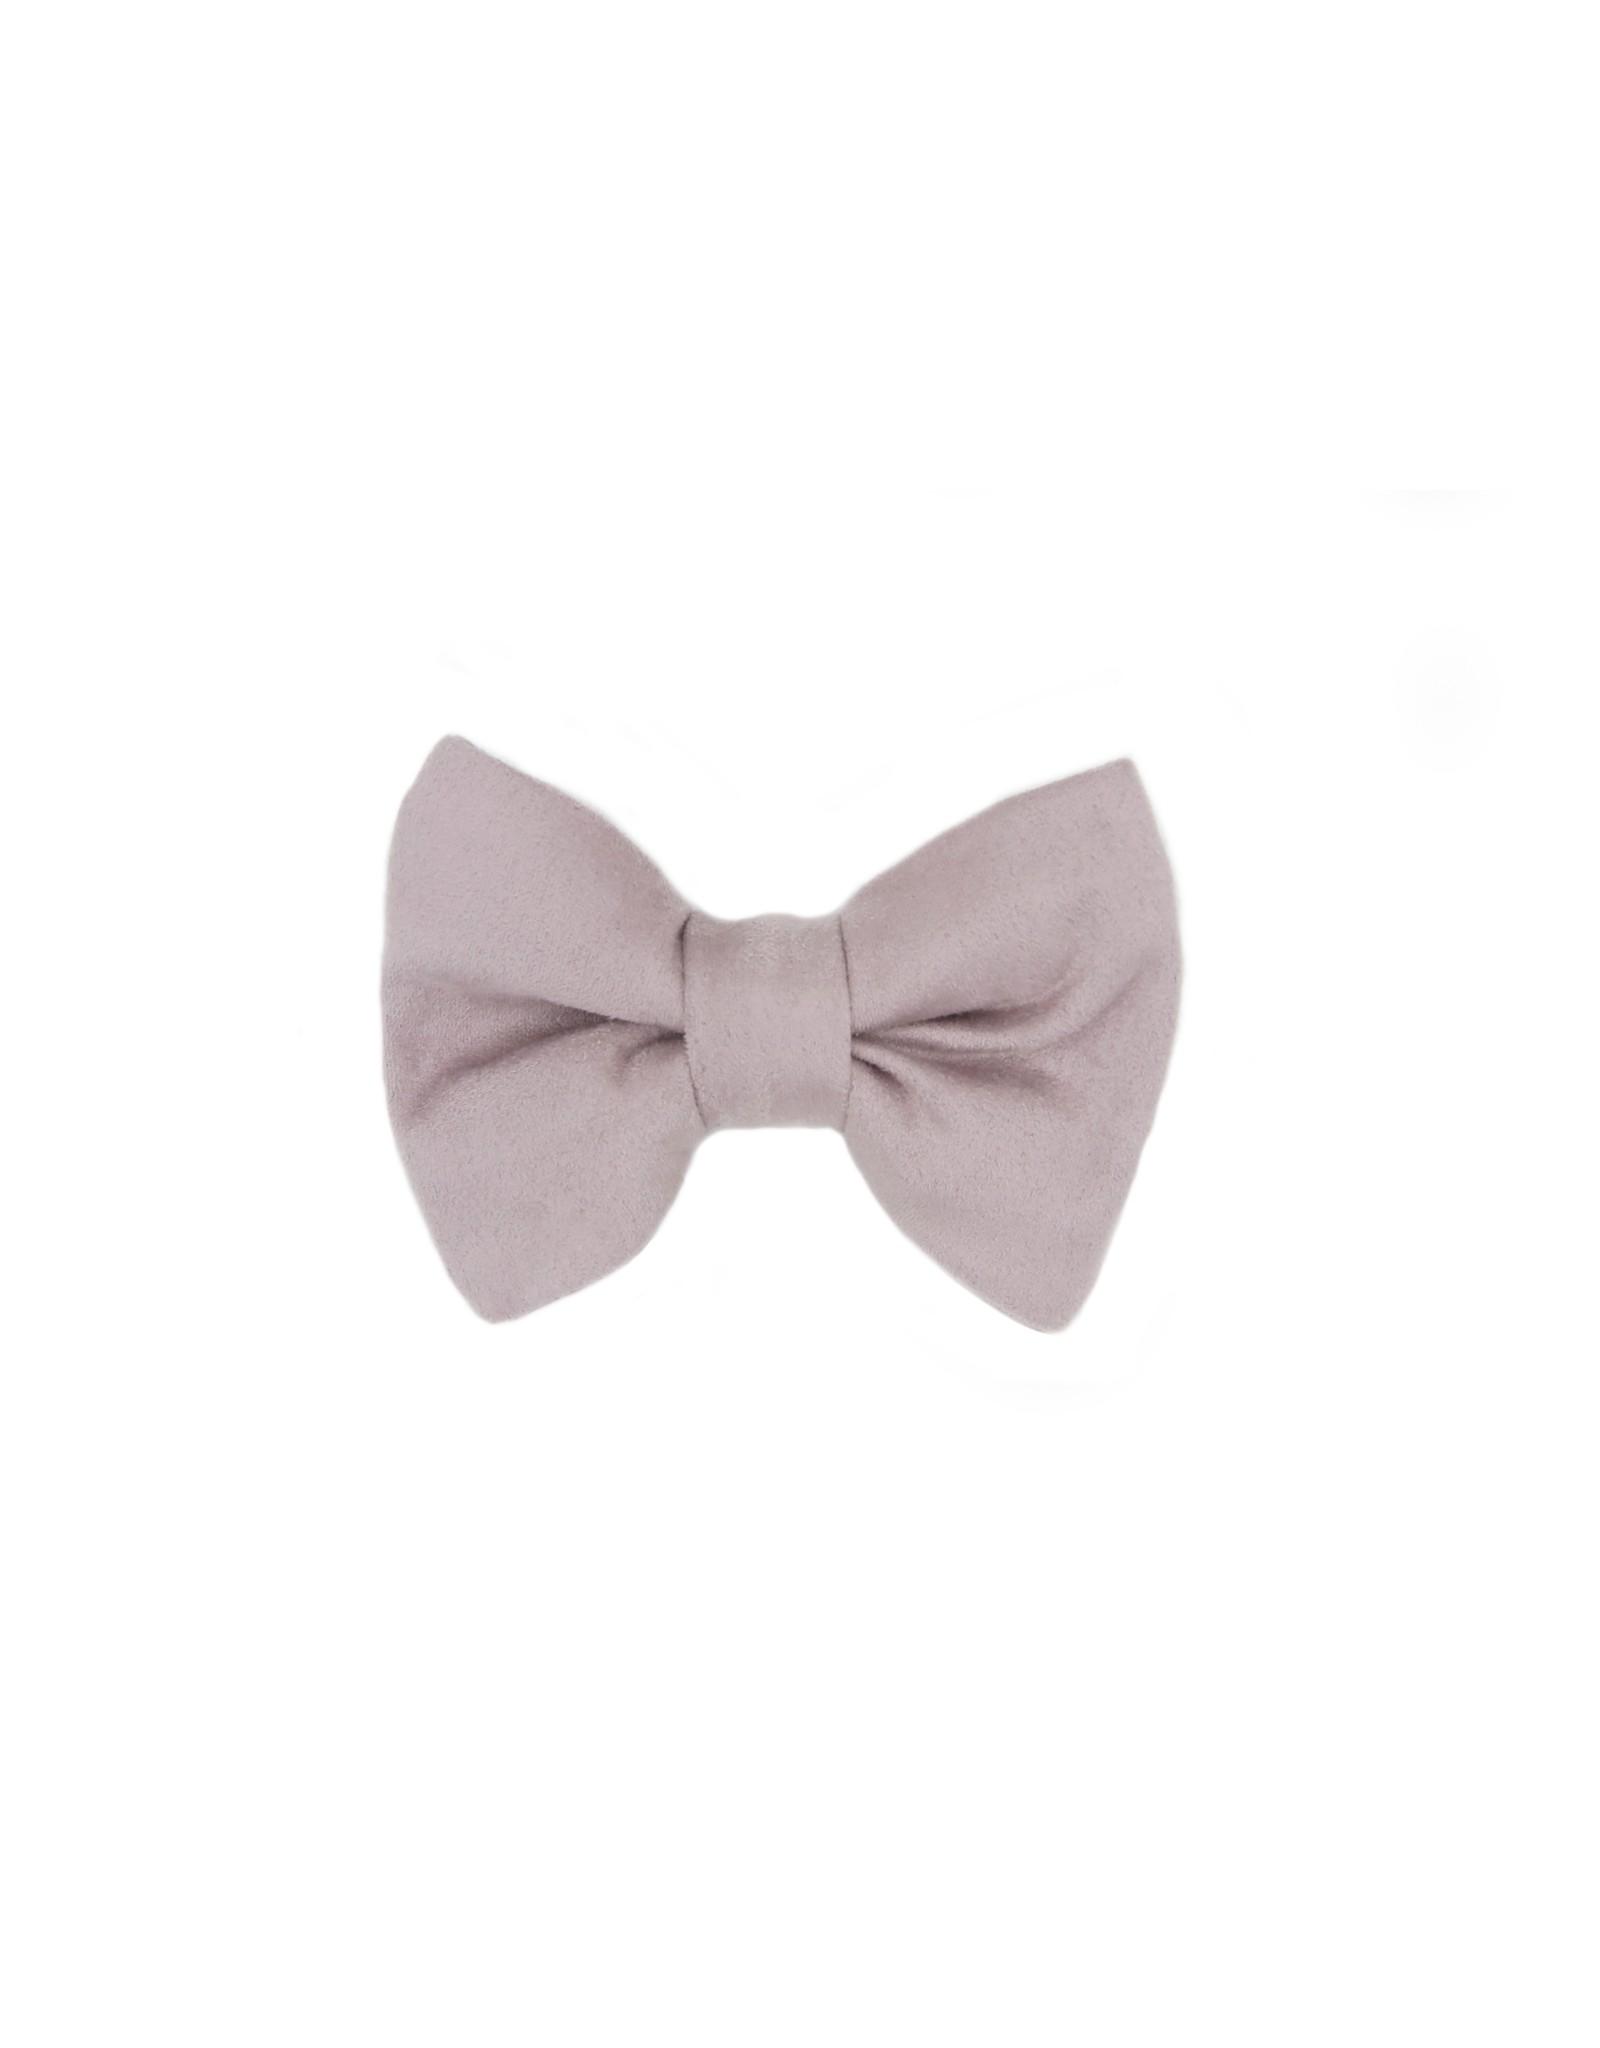 Bowtie pink